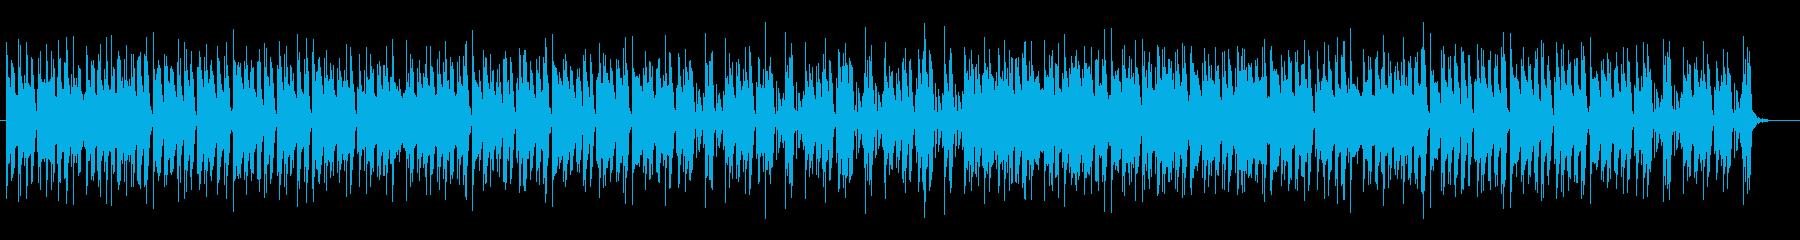 クールでミディアムテンポが特徴のポップスの再生済みの波形